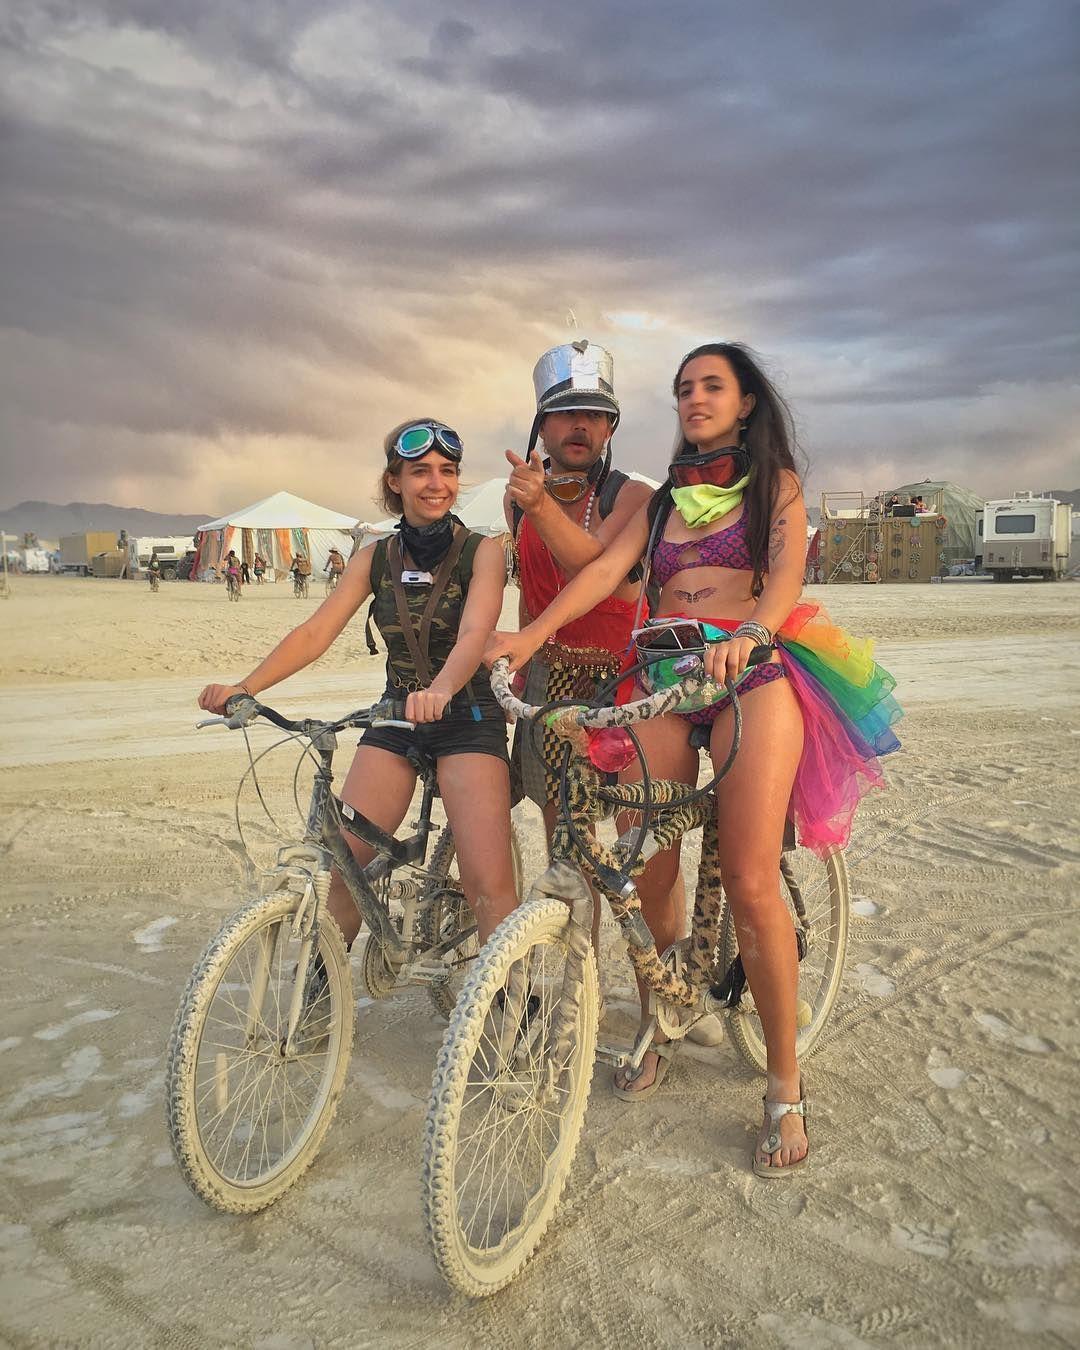 Пилюка, голі тіла та сучасне мистецтво: круті фото з фестивалю Burning Man 2017 - фото 336422